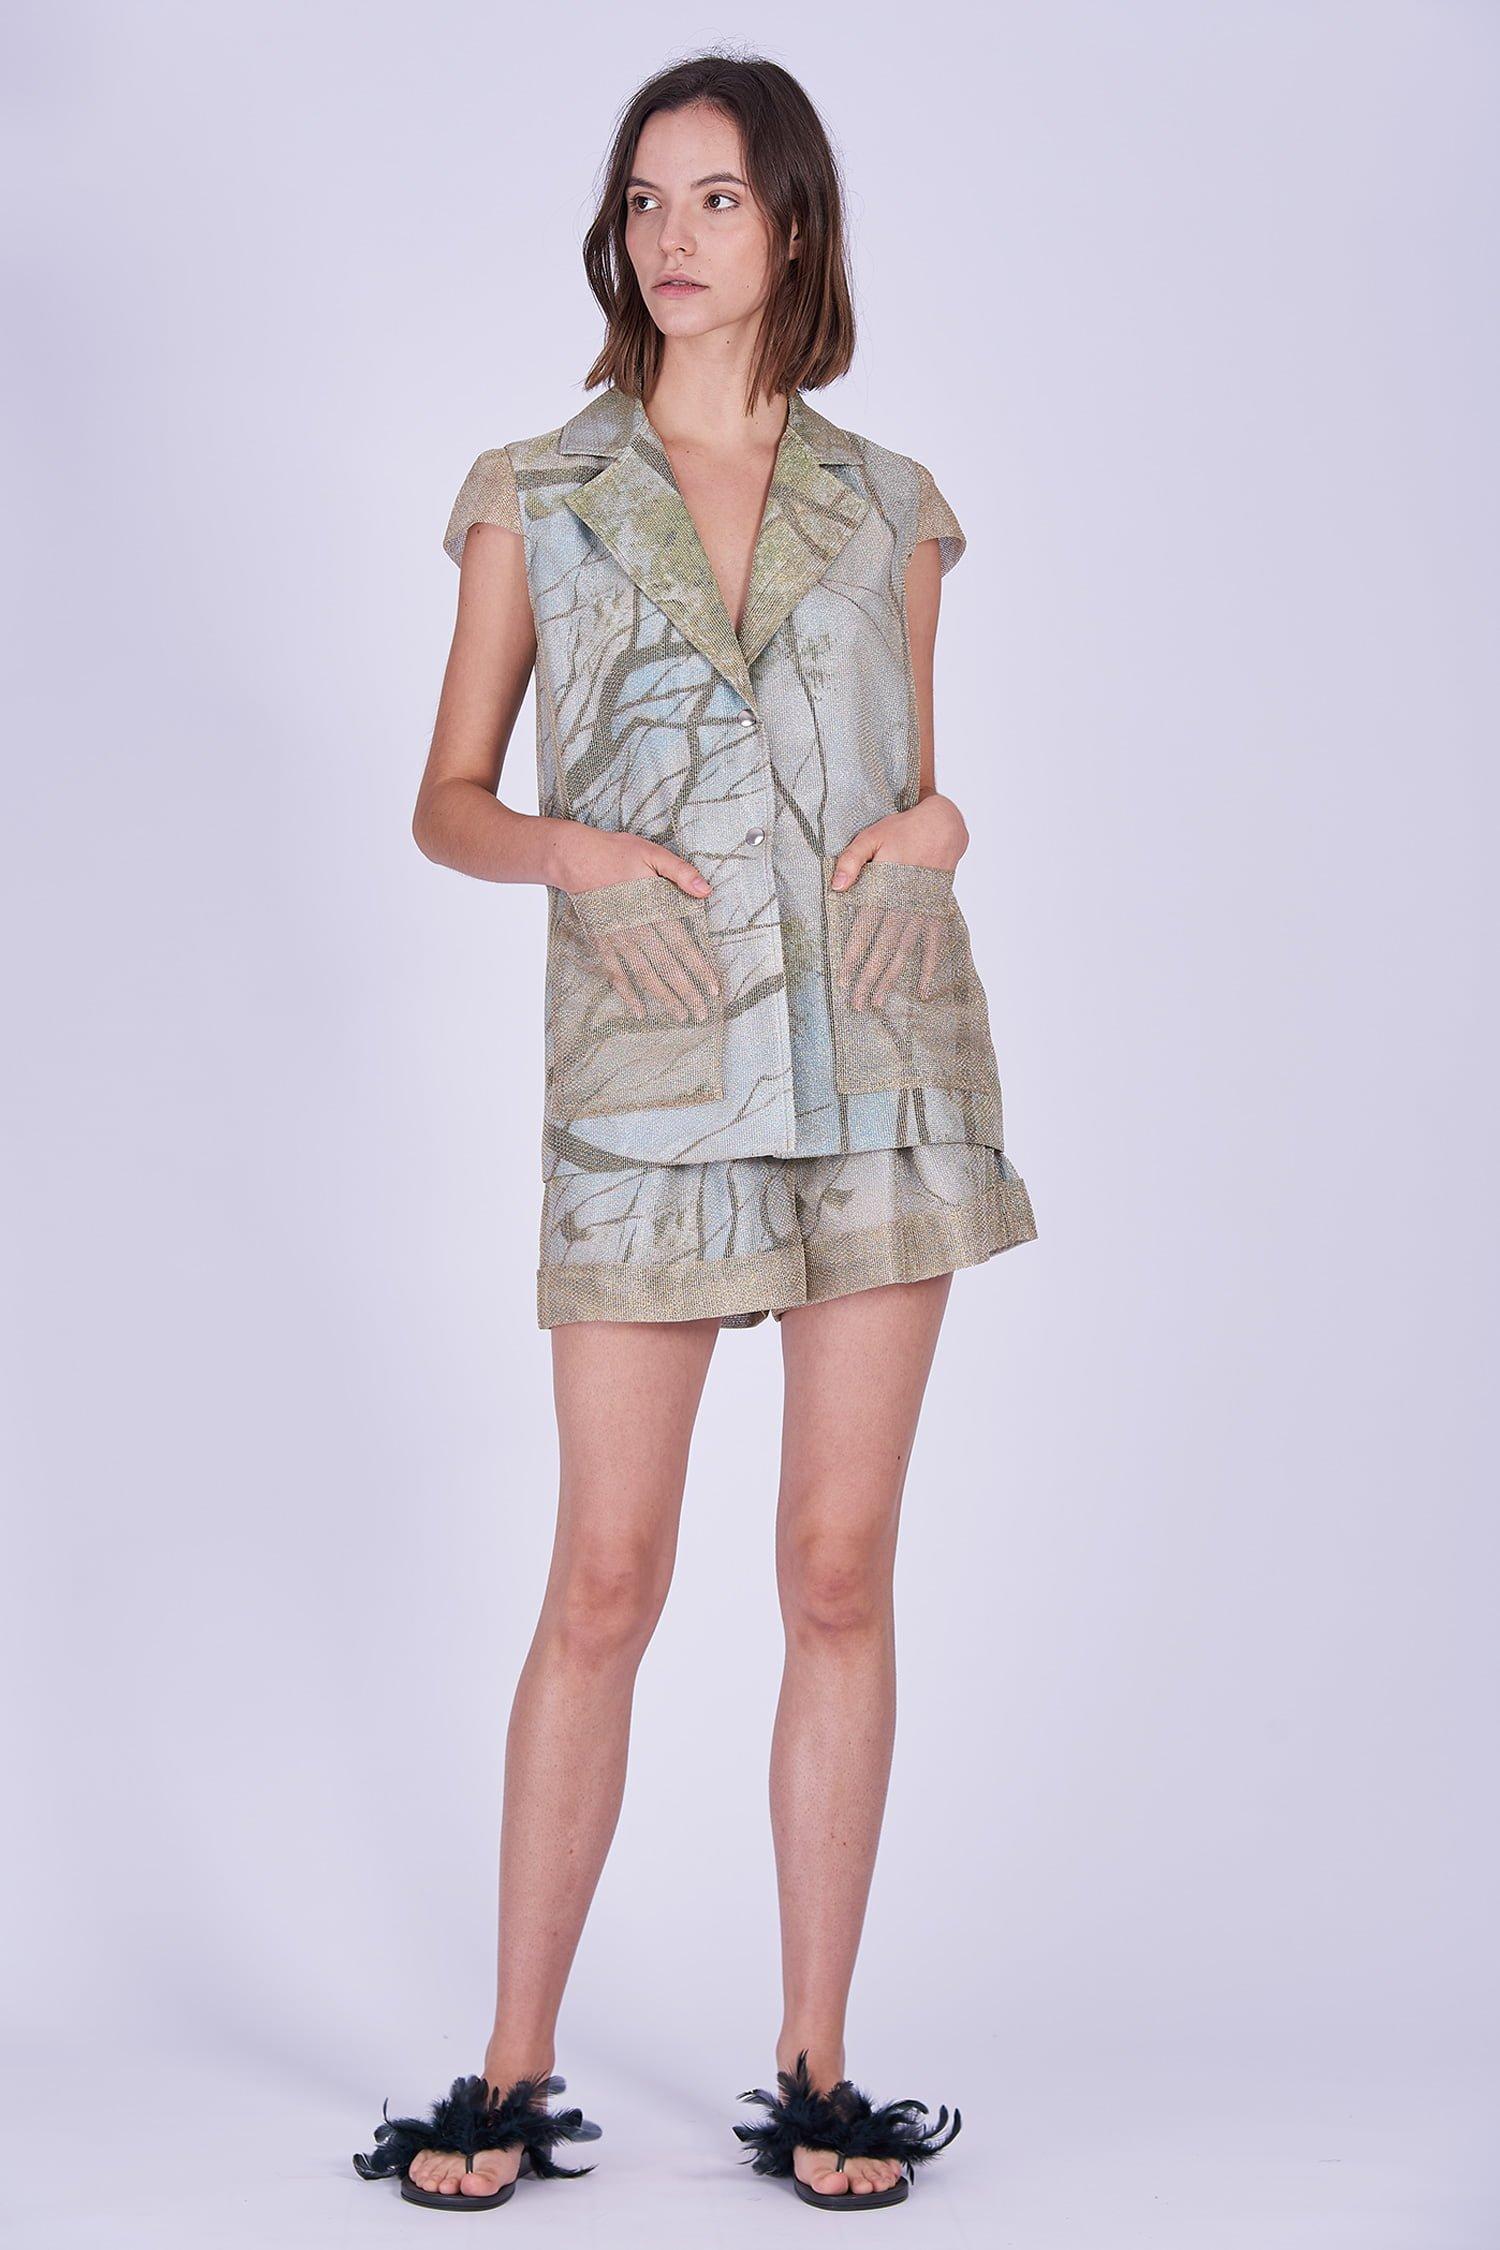 Acephala Ss2020 Gold Jacket Print Shorts Zlota Marynarka Szorty Front 2